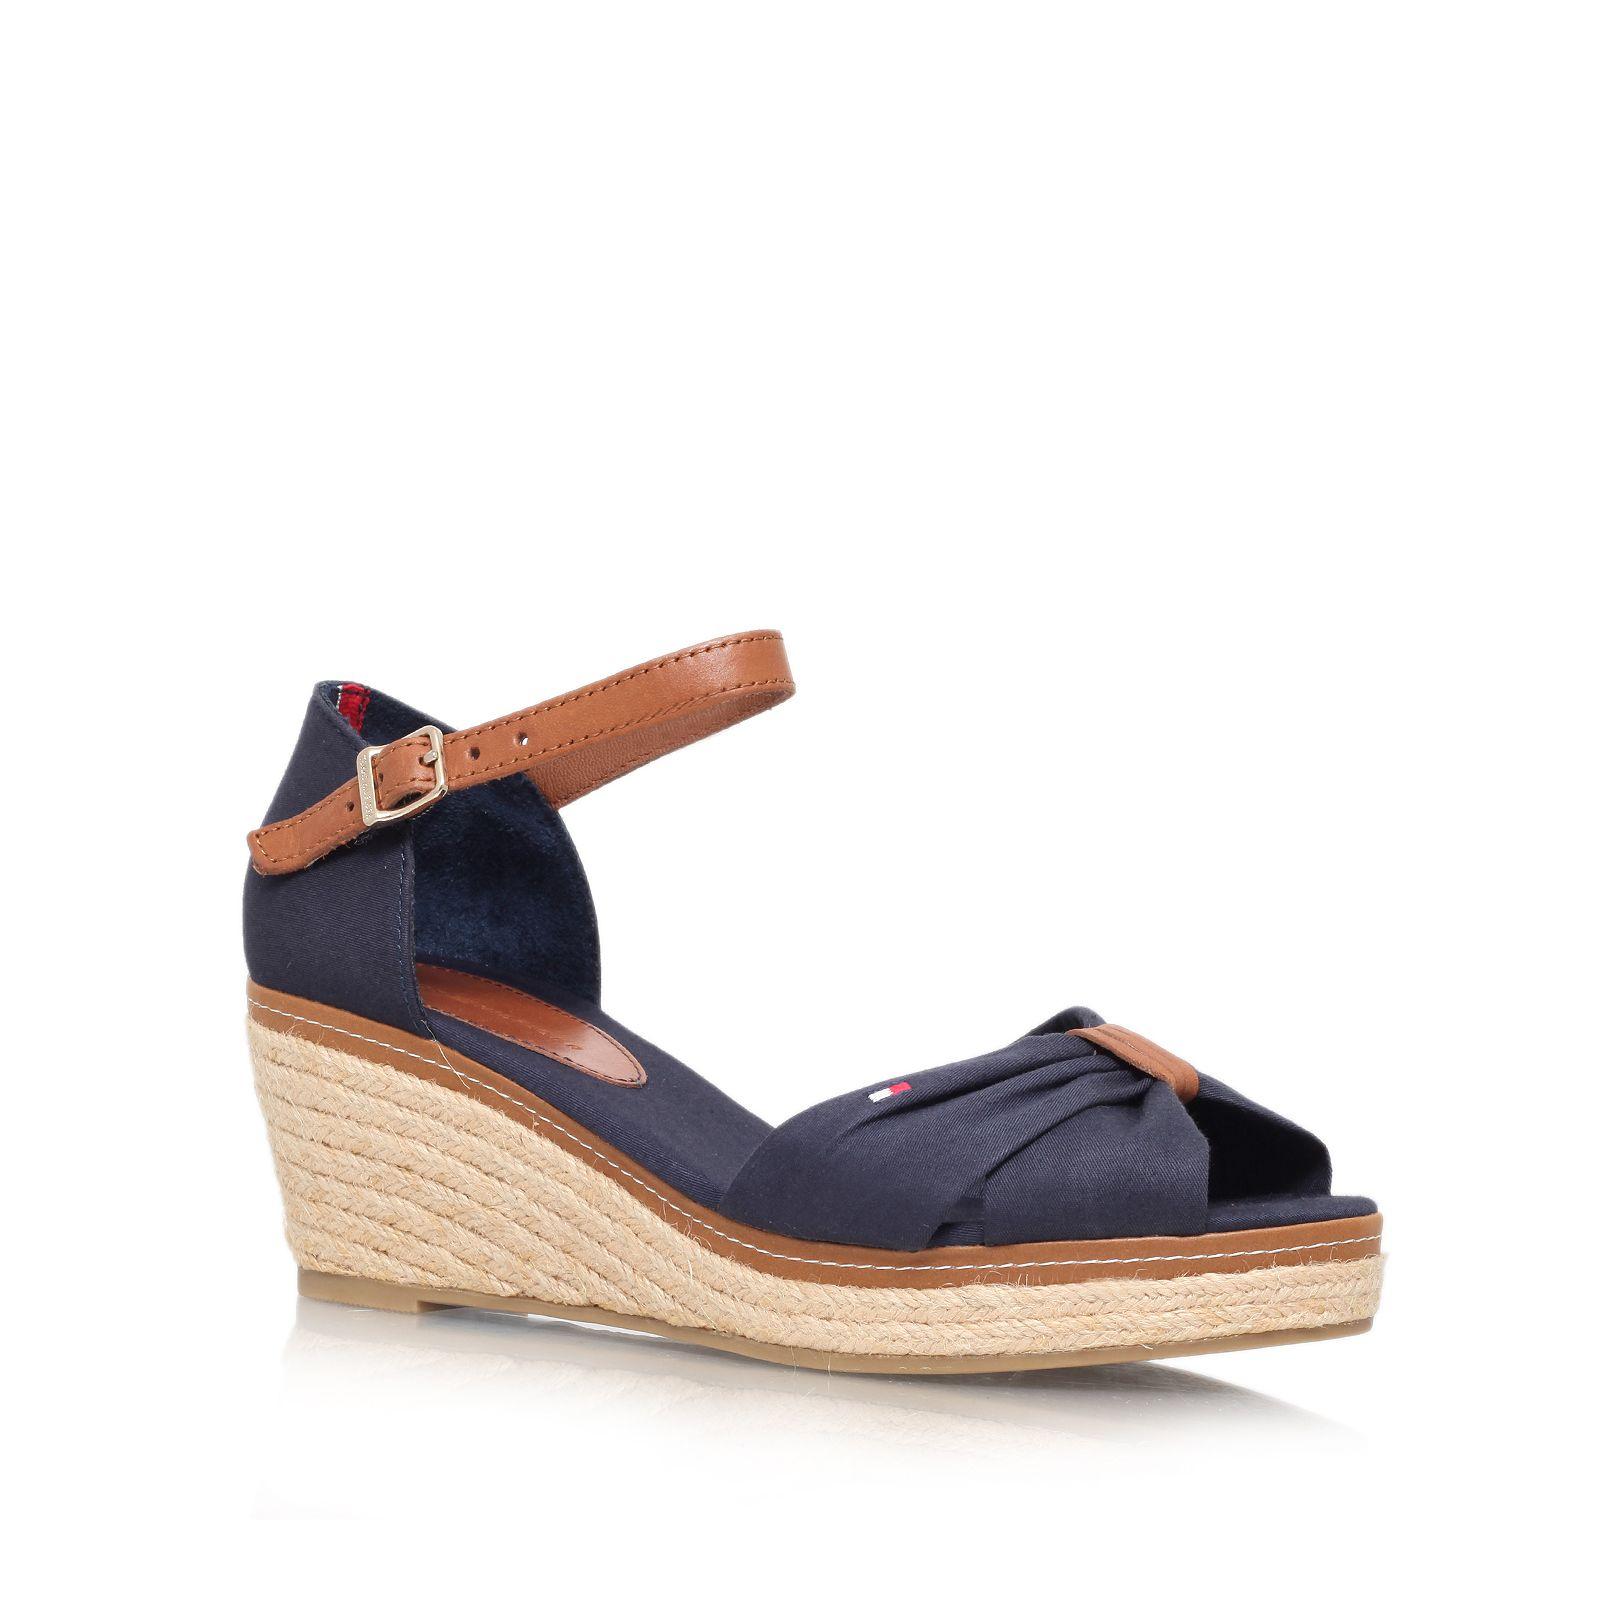 tommy hilfiger elba 19d mid wedge heel sandals in blue navy lyst. Black Bedroom Furniture Sets. Home Design Ideas